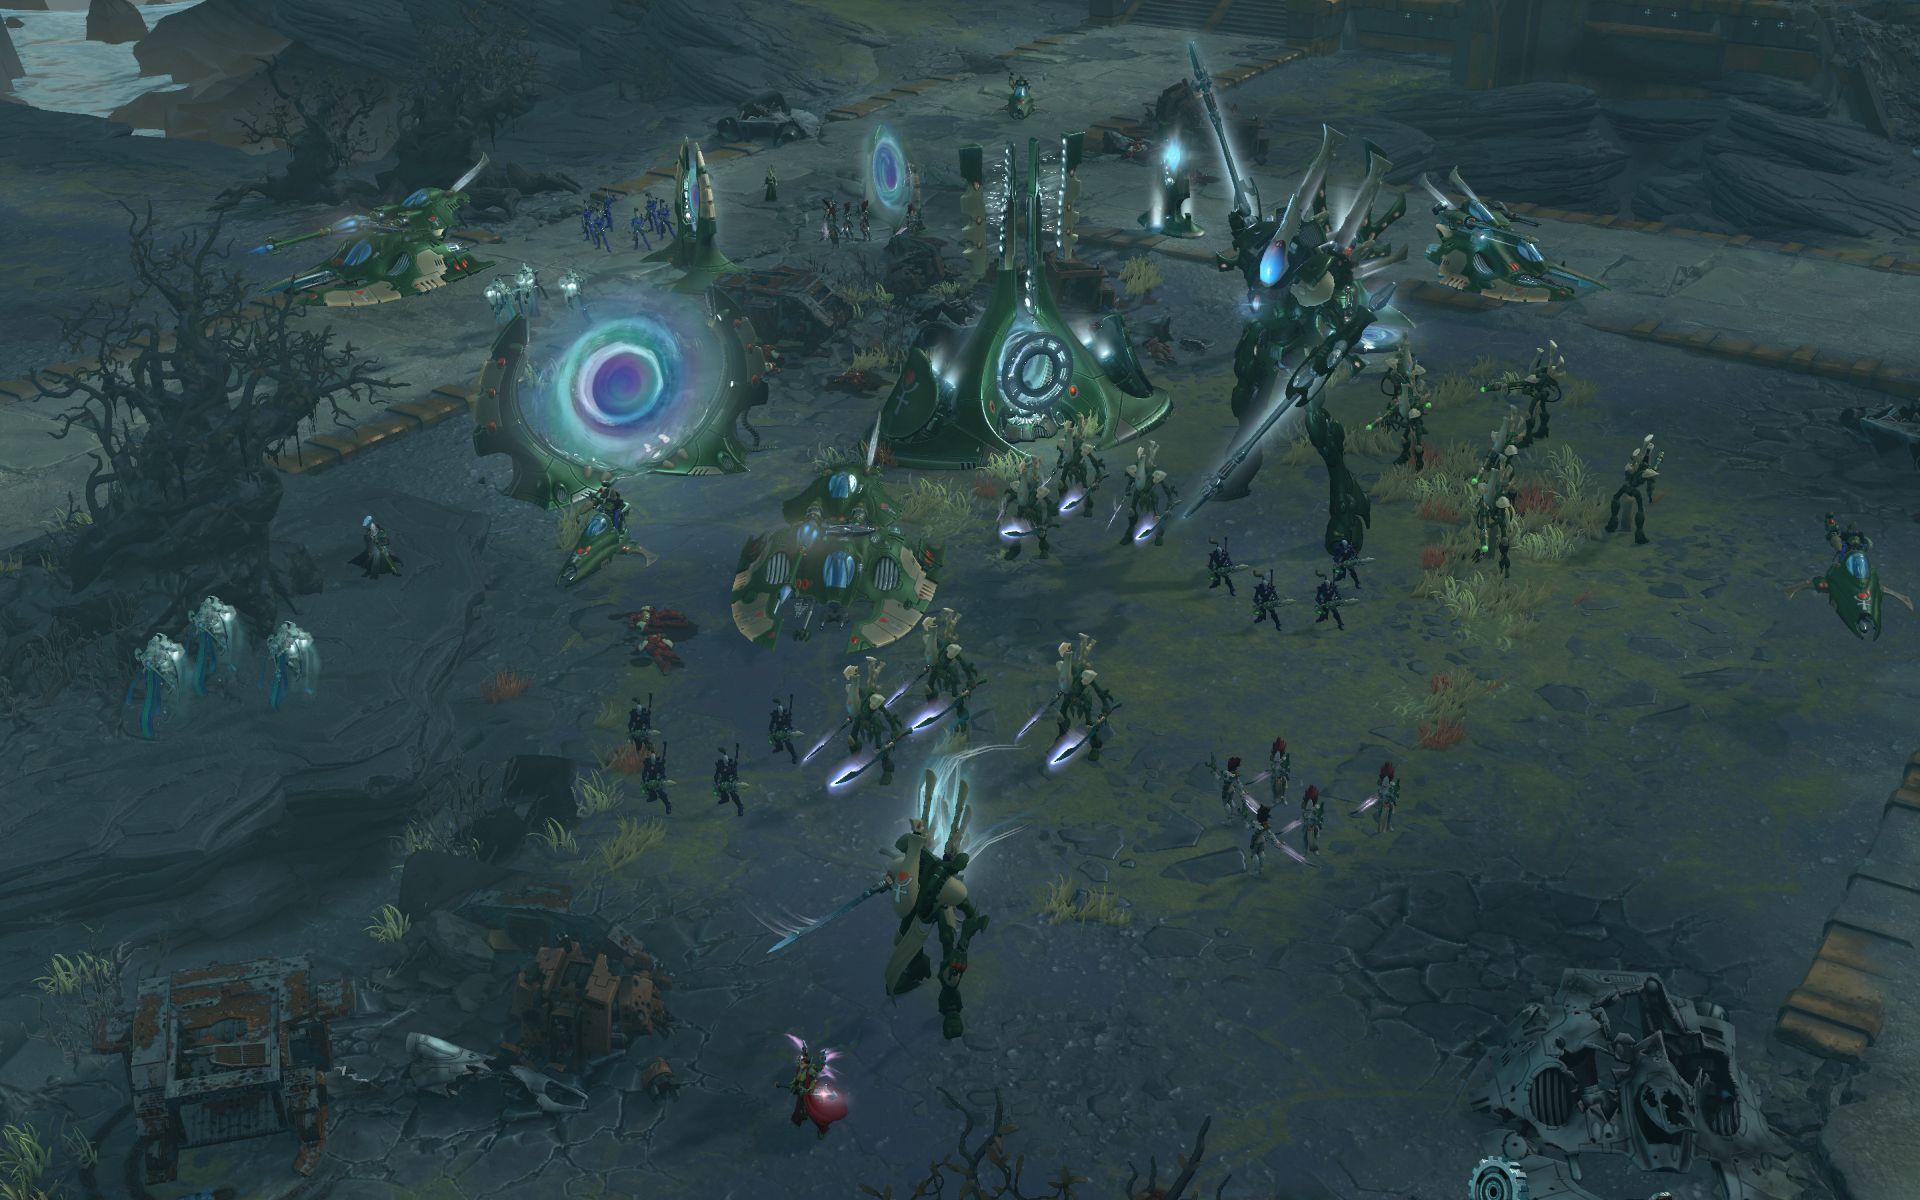 Podrobnosti o frakci Eldar z Warhammer 40,000: Dawn of War 3 131250